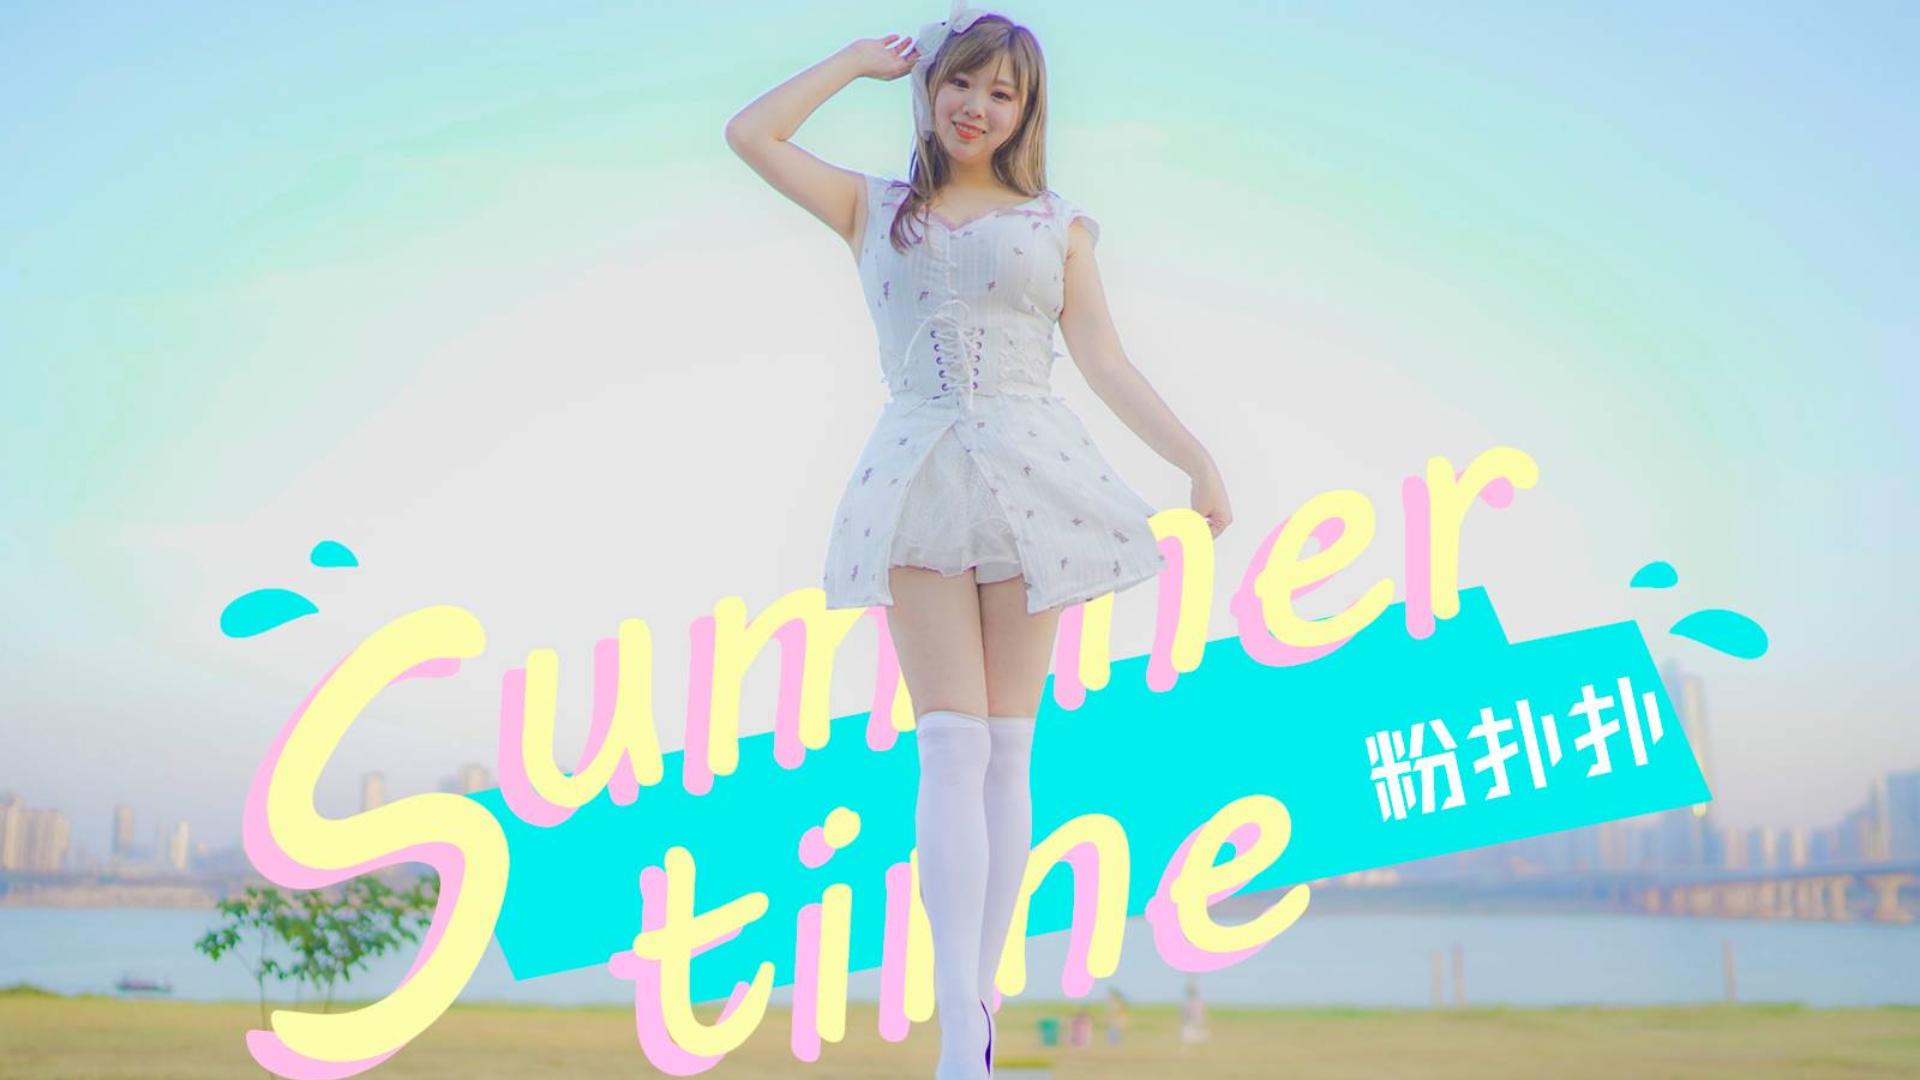 【粉扑扑】想成为你的俘虏*Summertime*【夏天结束啦】